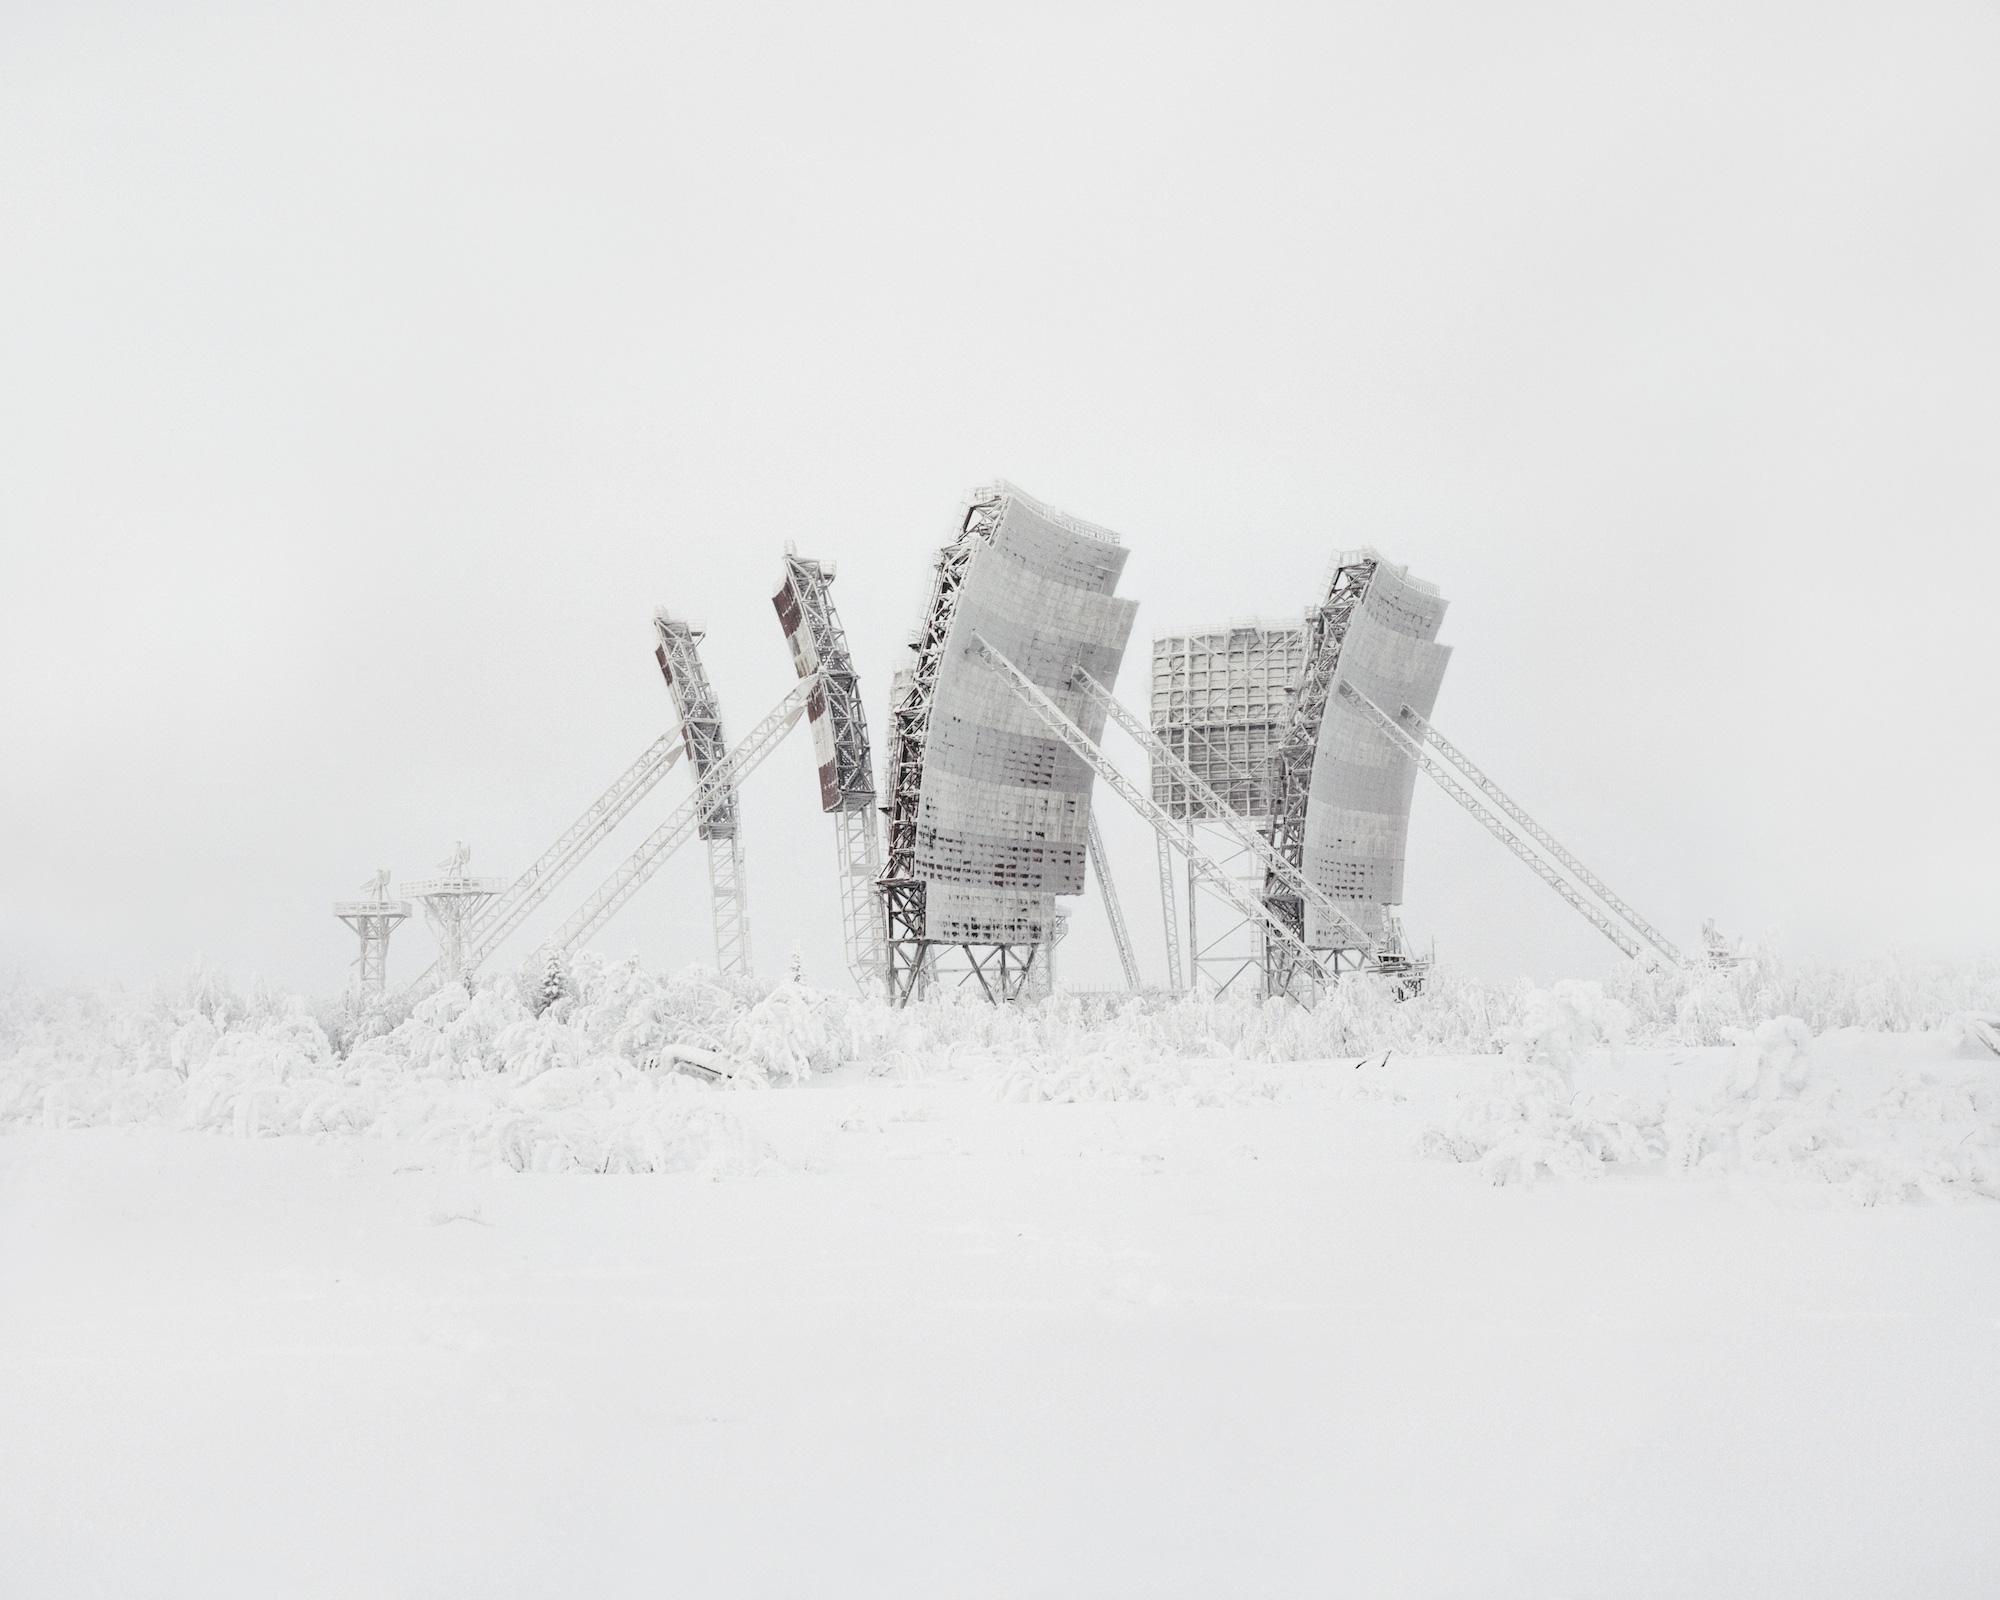 """""""Tschaika"""" – Antenne für Troposphärenfunk  – Russland, Autonomer Kreis der Jamal-Nenzen, 2014"""